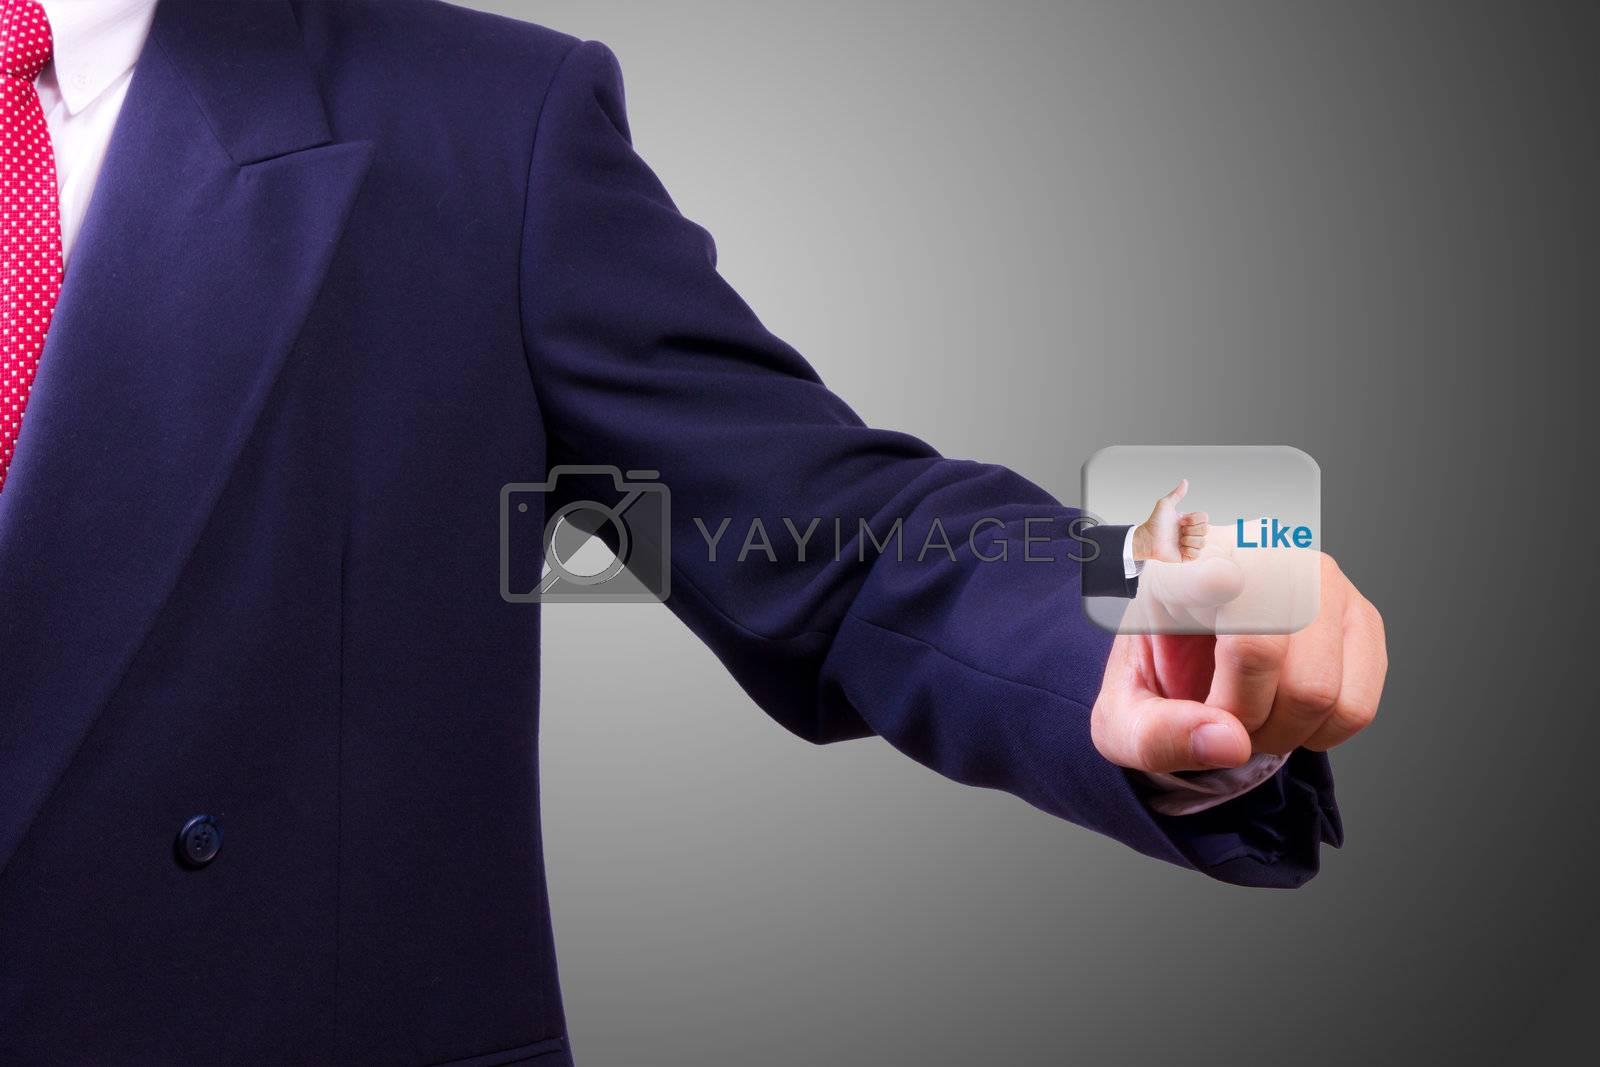 hand pushing like button